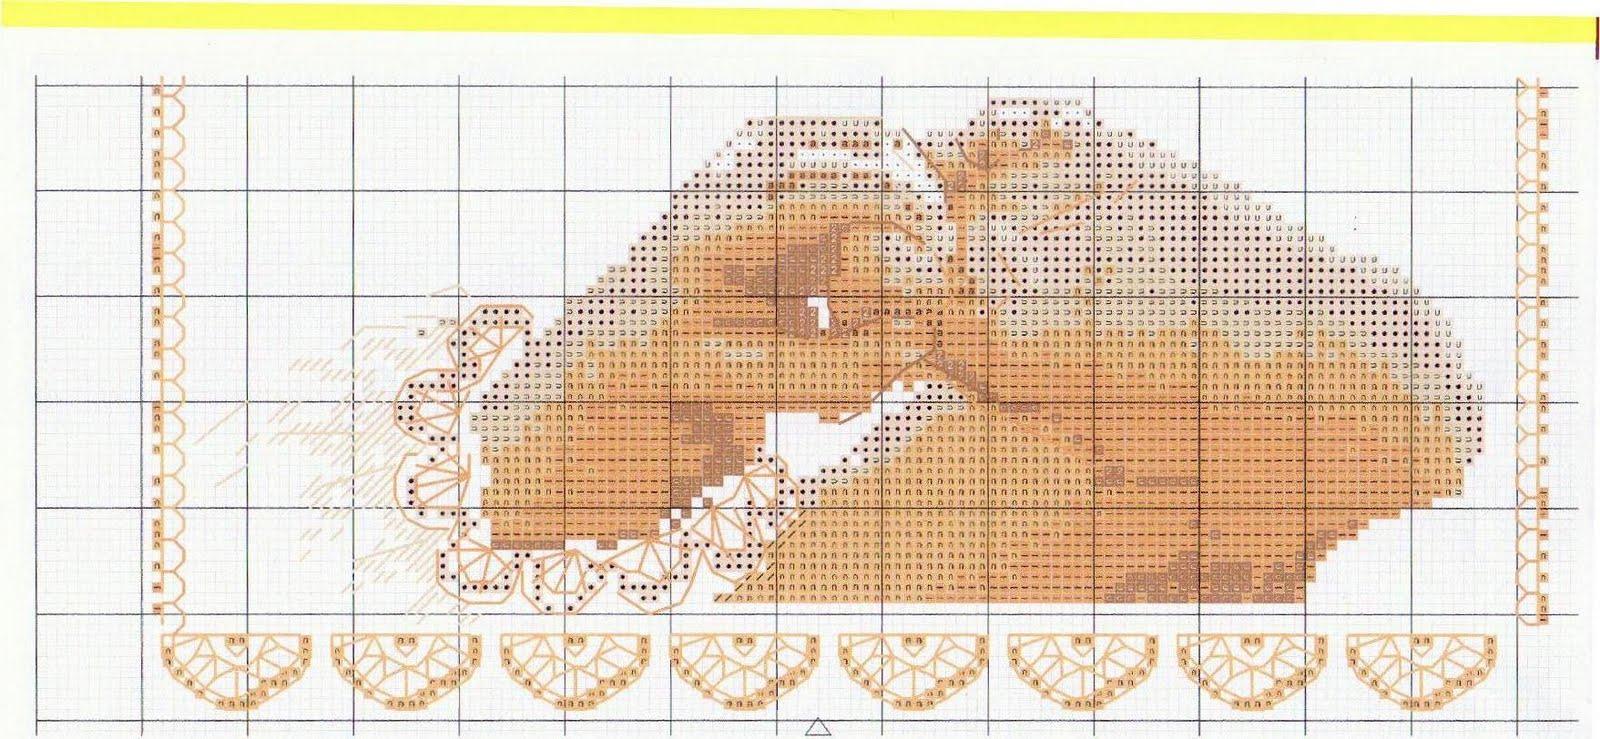 Оберег для новорожденного мальчика вышивка крестом схема